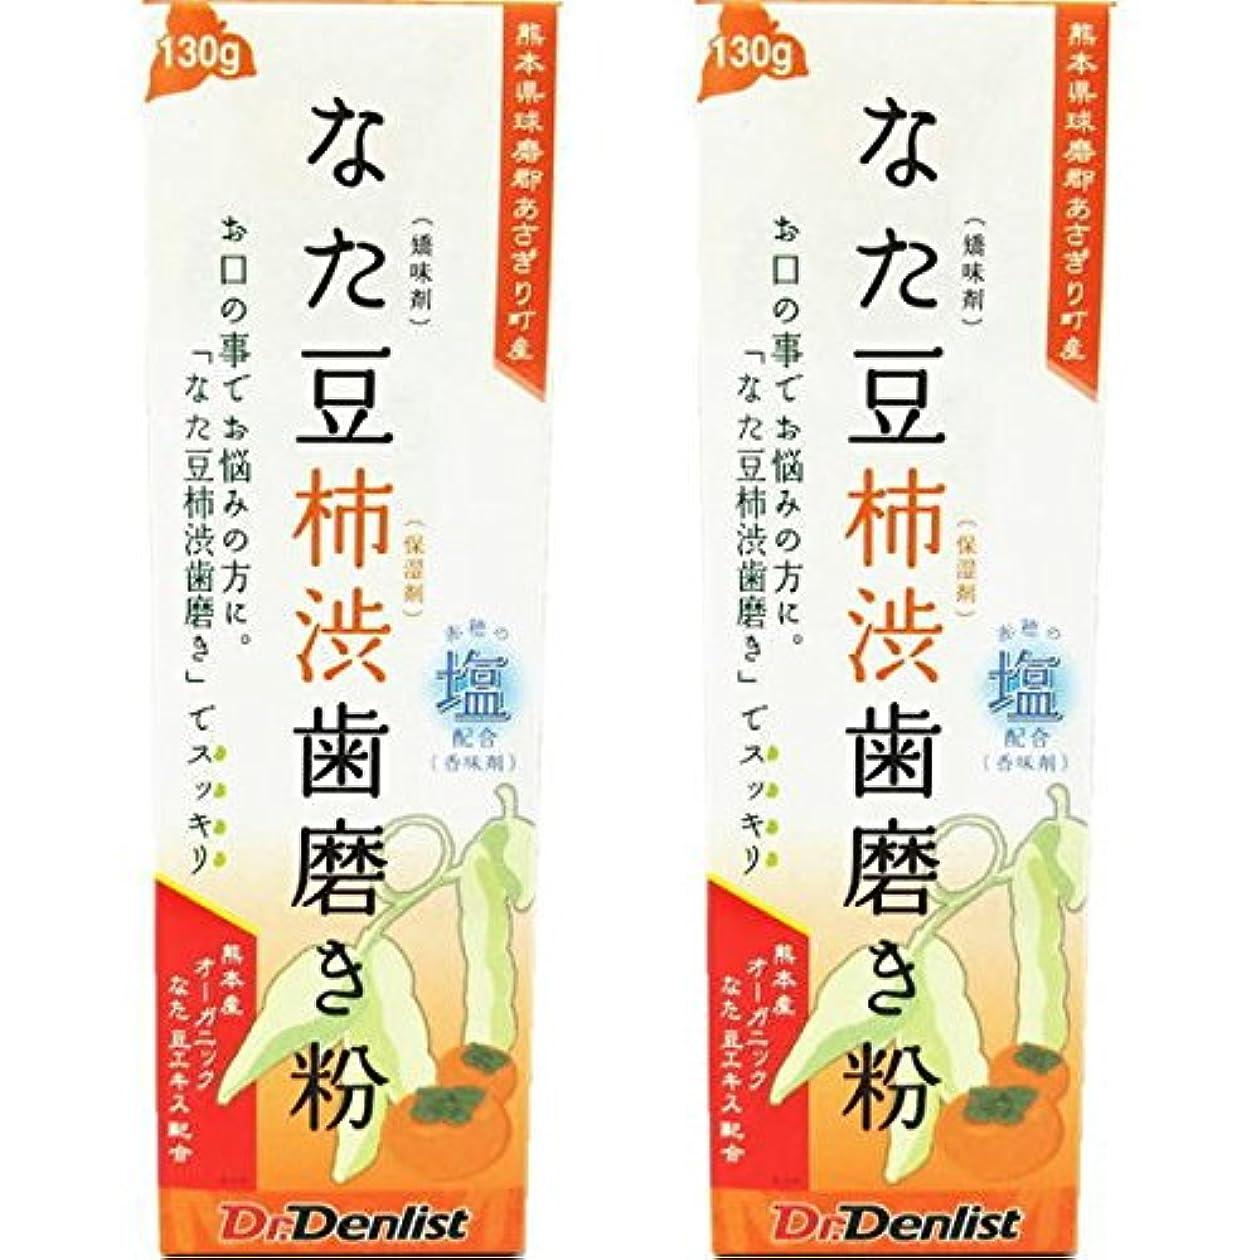 反対した保全余韻なた豆柿渋歯磨き 130g 2個セット 国産 有機なた豆使用 赤穂の塩配合(香味剤)